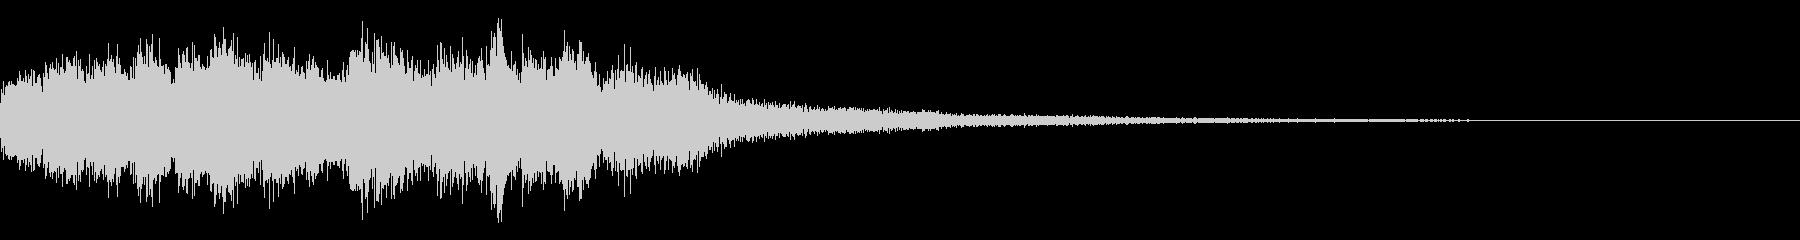 デジタル、サイバーなゲームオーバー音の未再生の波形